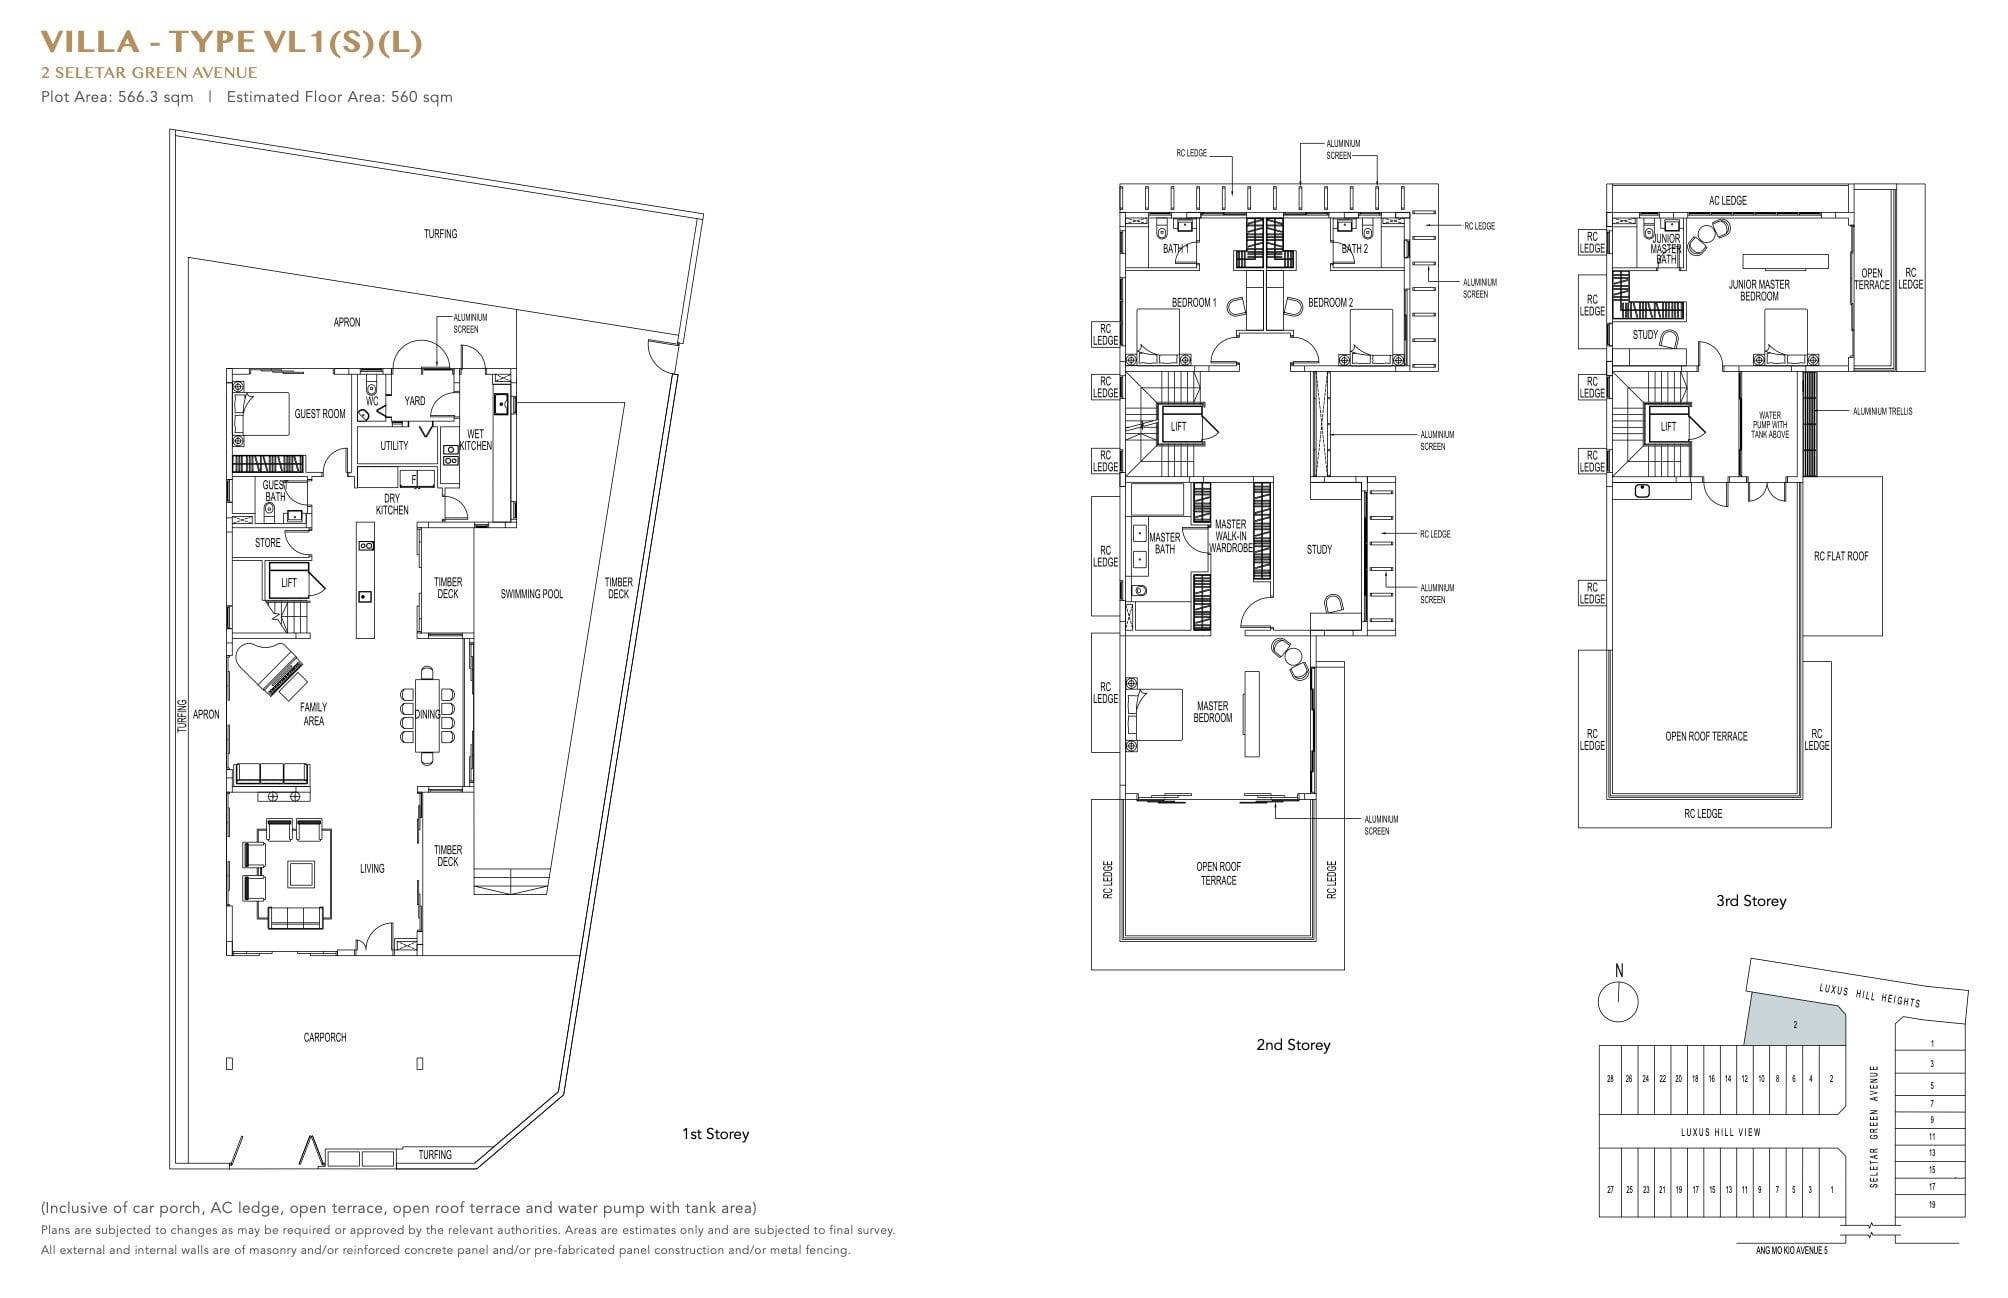 luxus-hills-contemporary - Villa Floor Plan